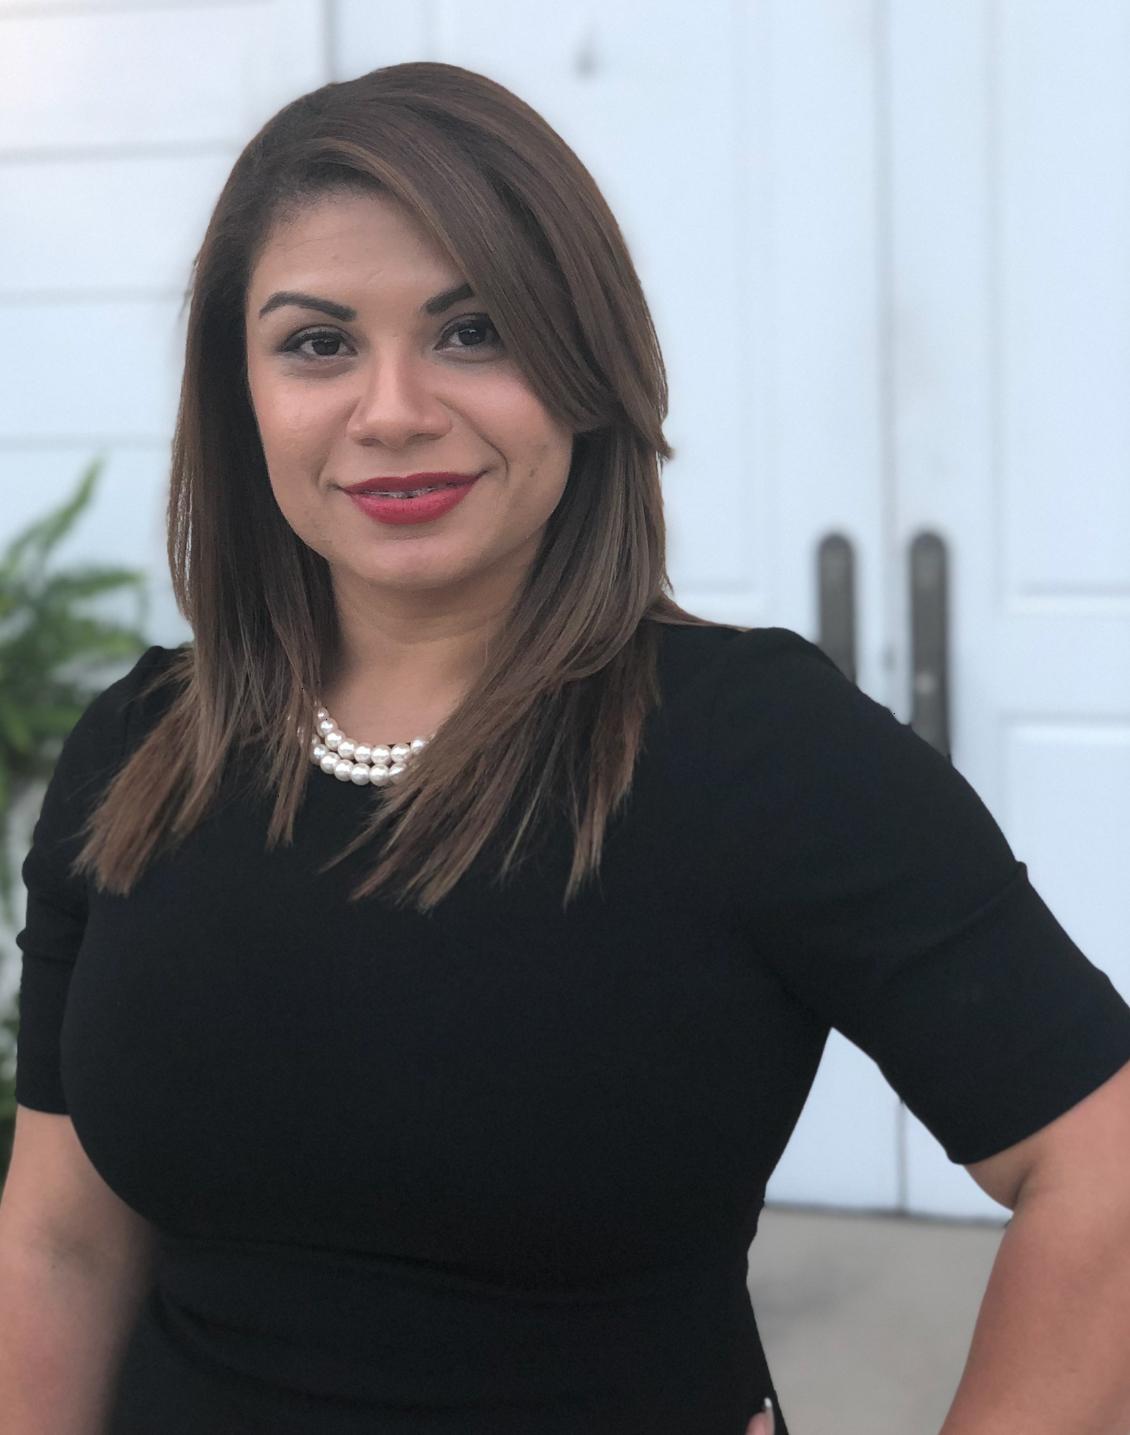 Amanda Camarena